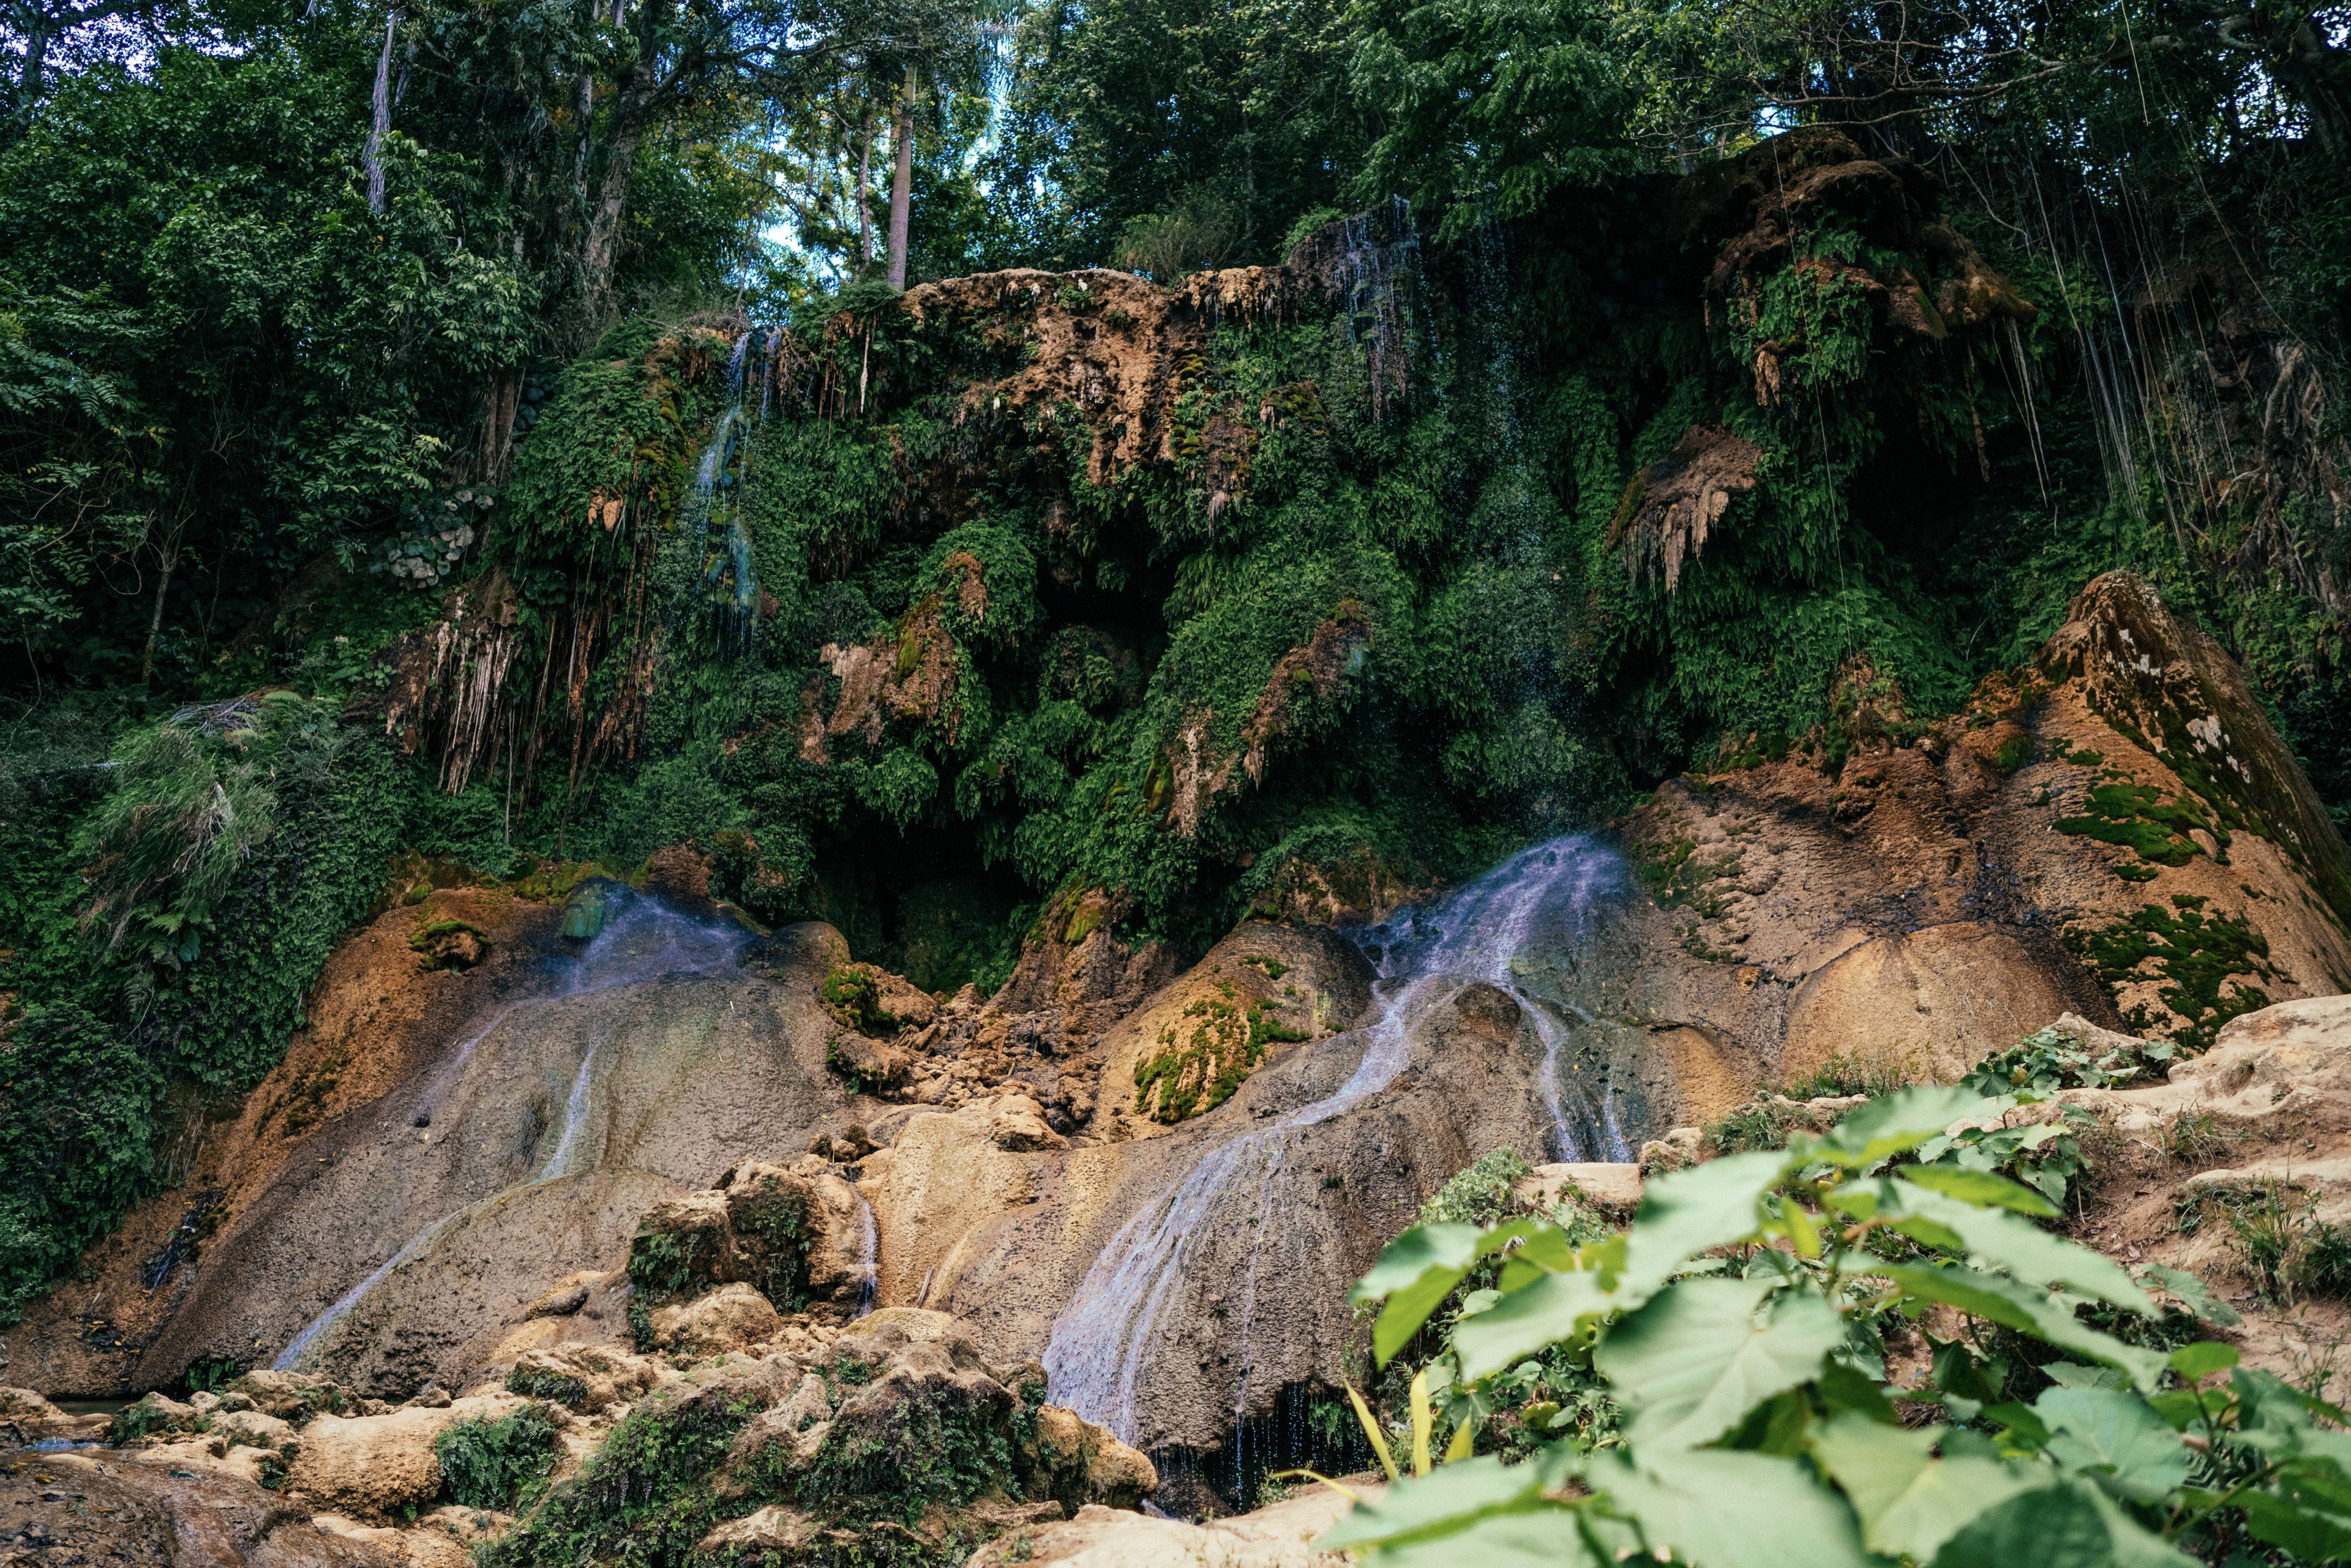 Wasserfall in Parque el Cubano in Trinidad